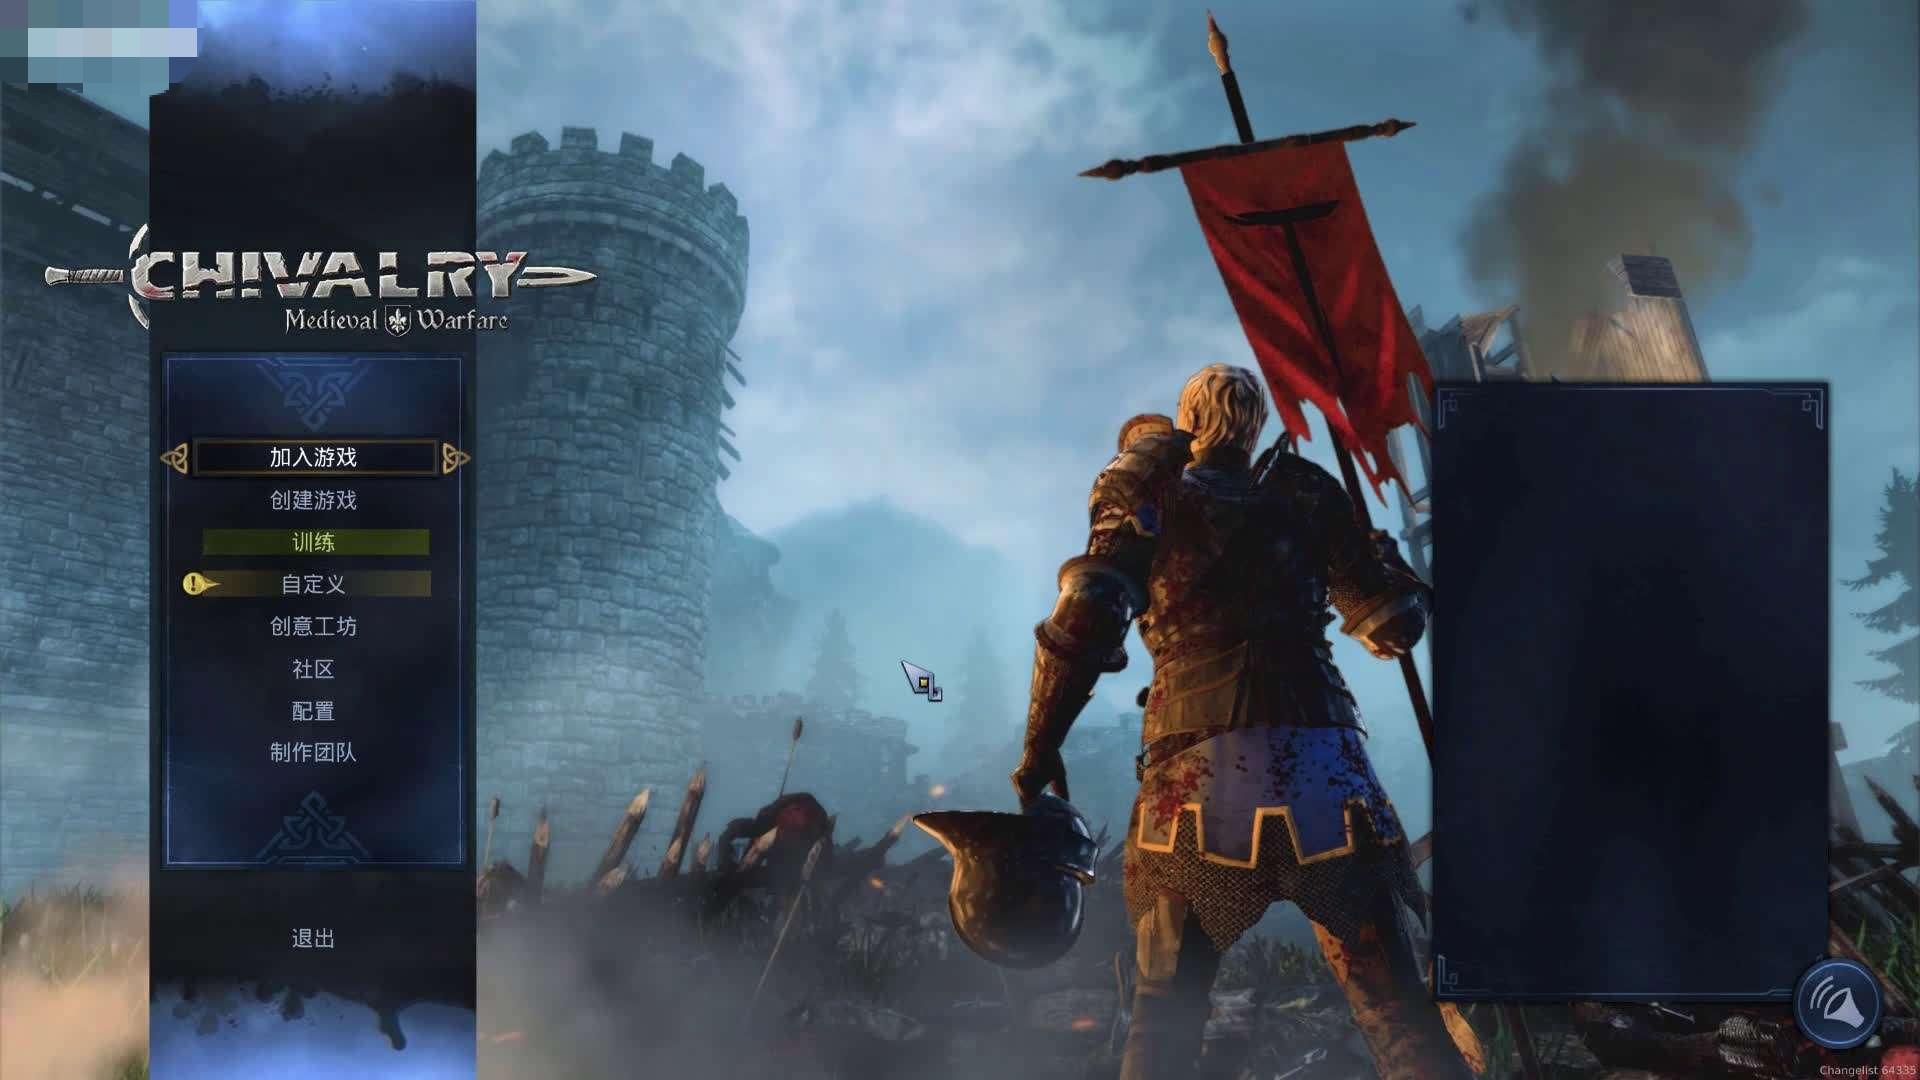 中世紀王朝游戲攻略